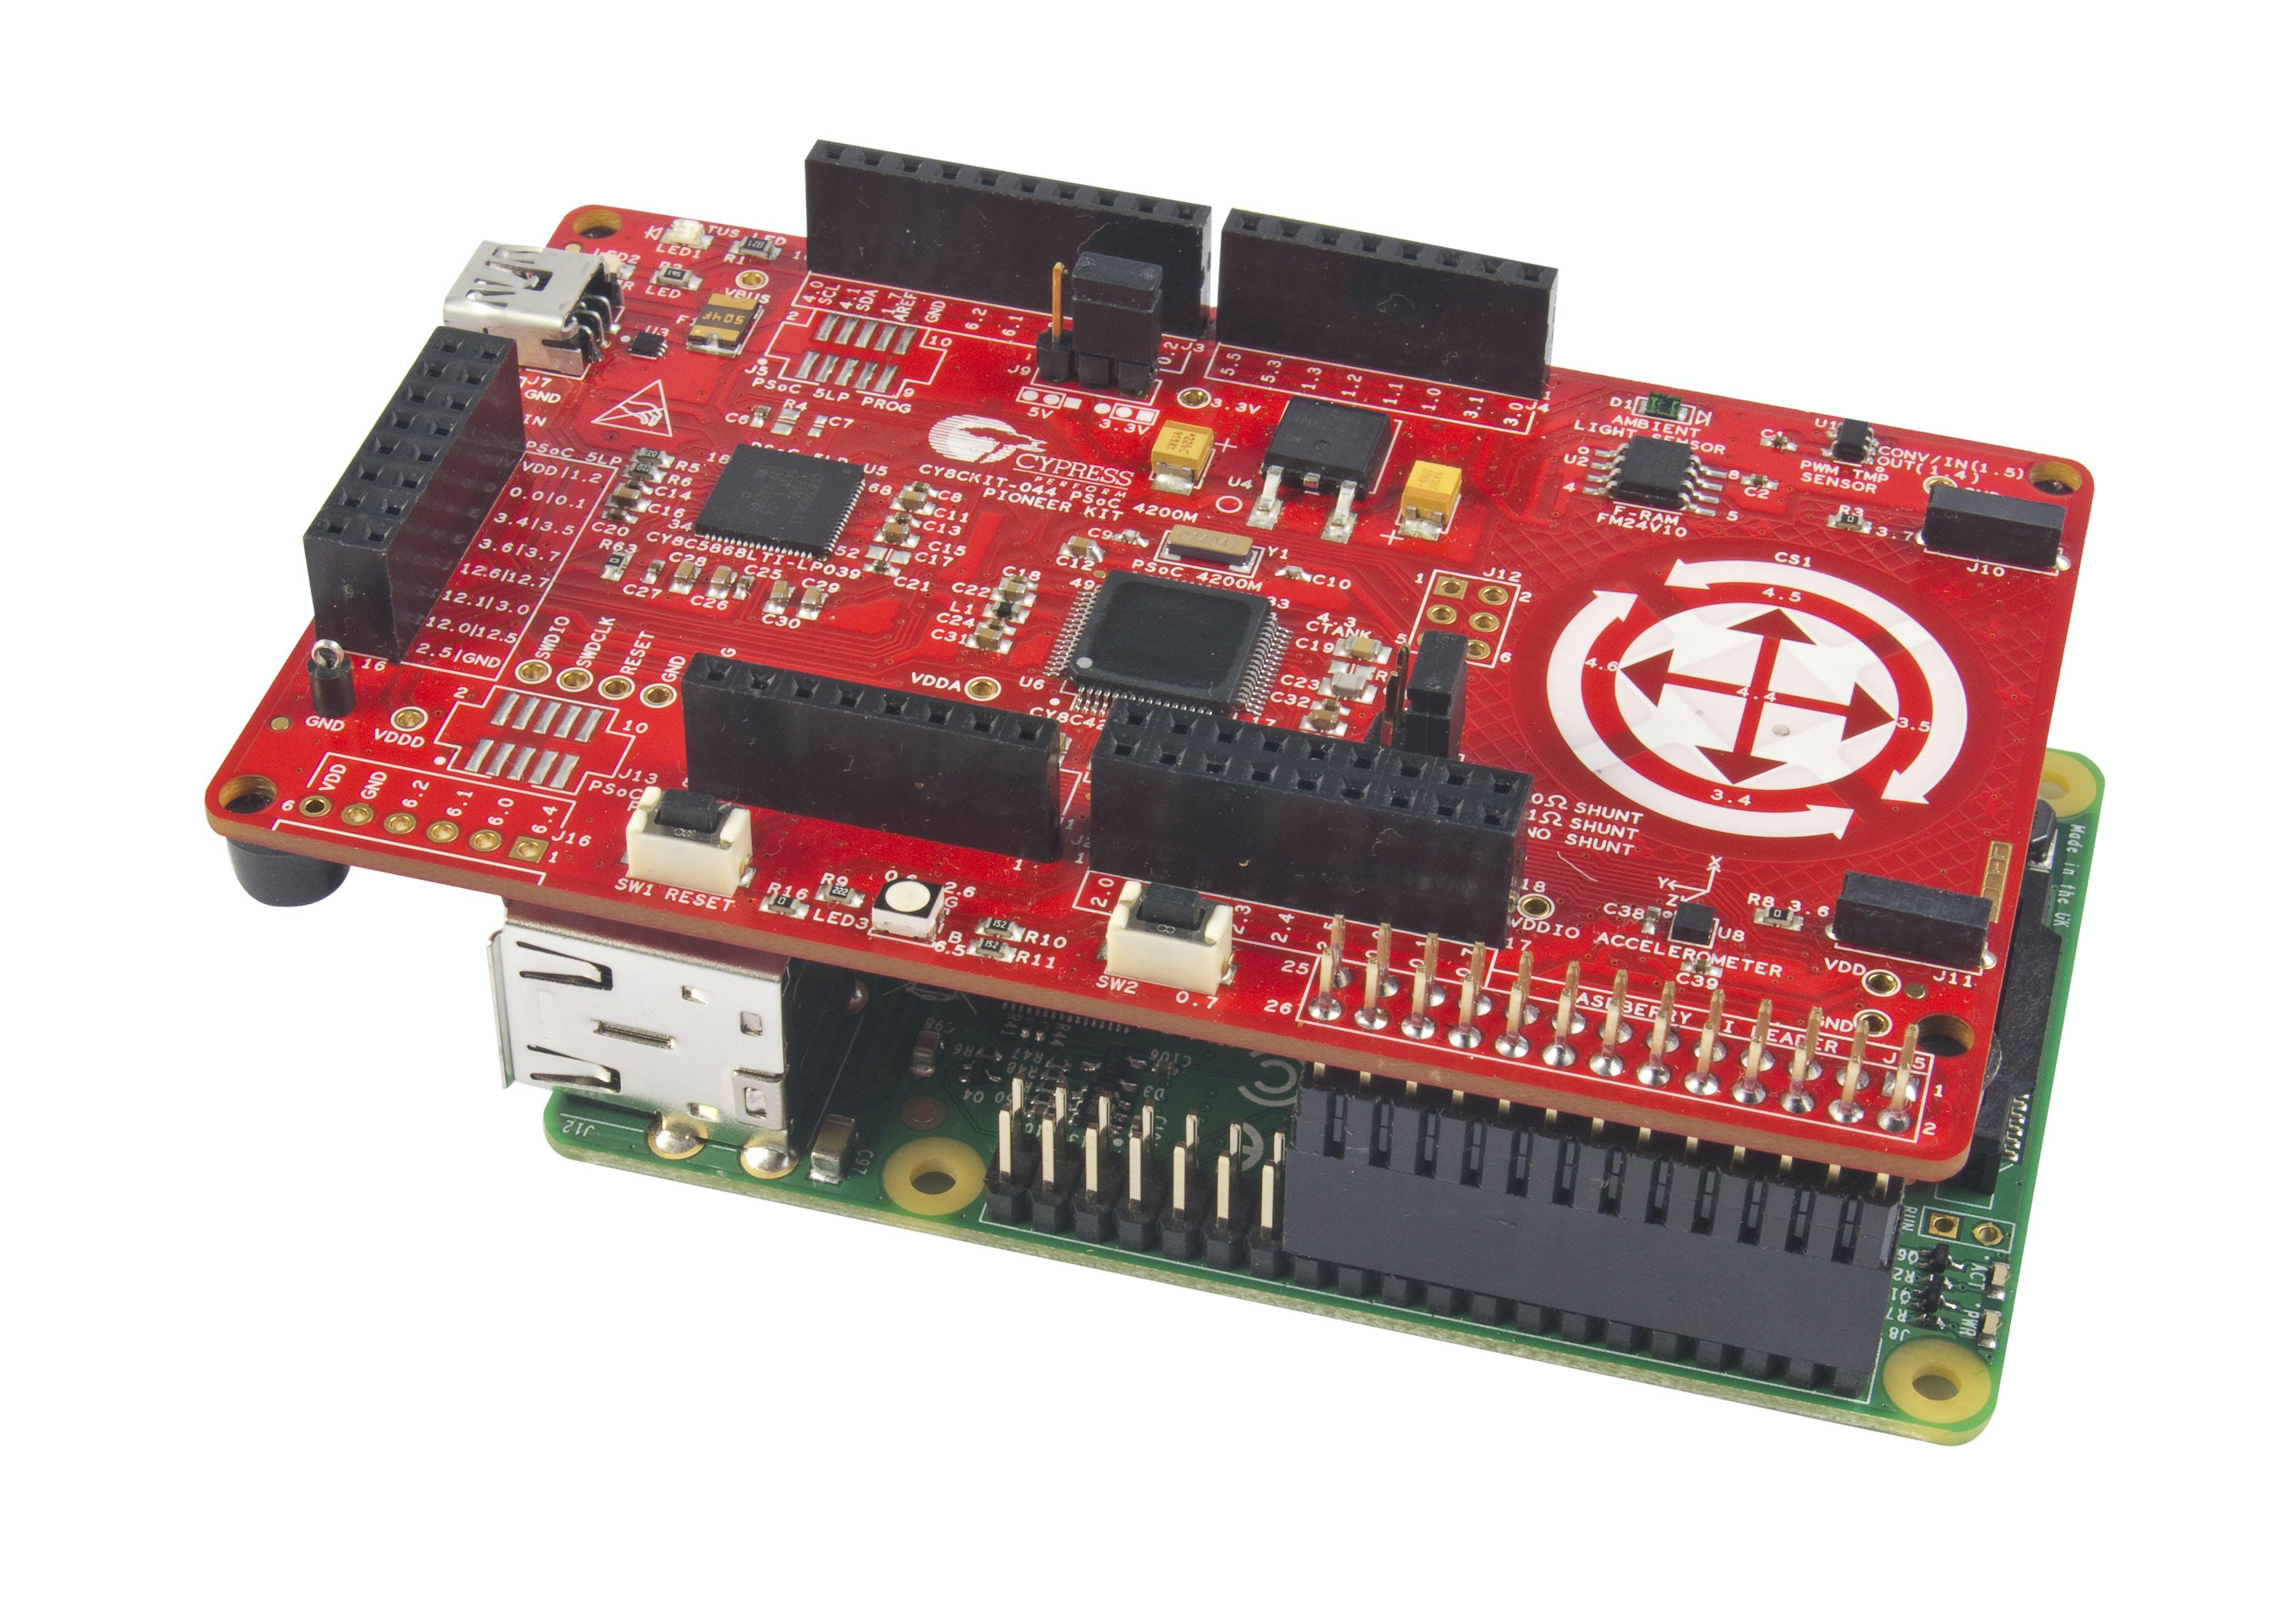 PSoC 4M + RasberryPi Sensor Hub